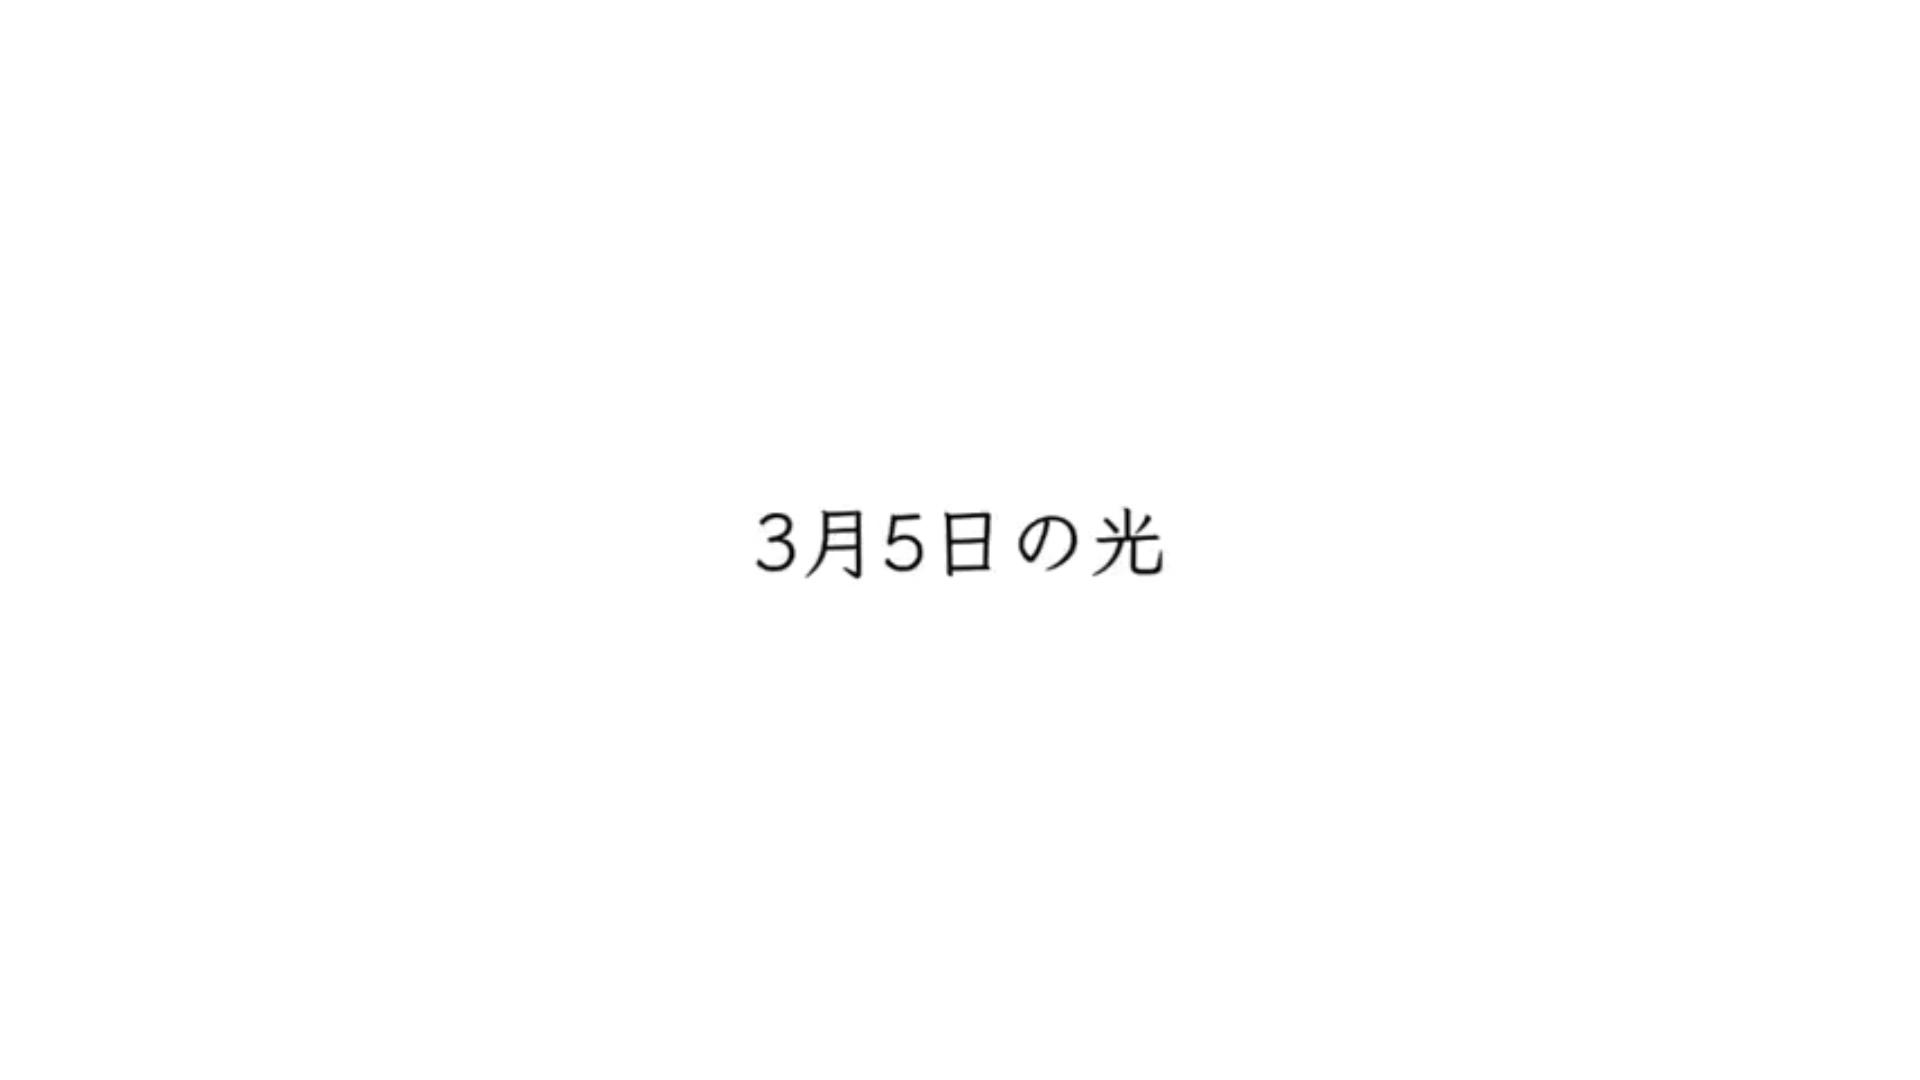 3月5日の光 (3-gatsu 5-ka no Hikari)